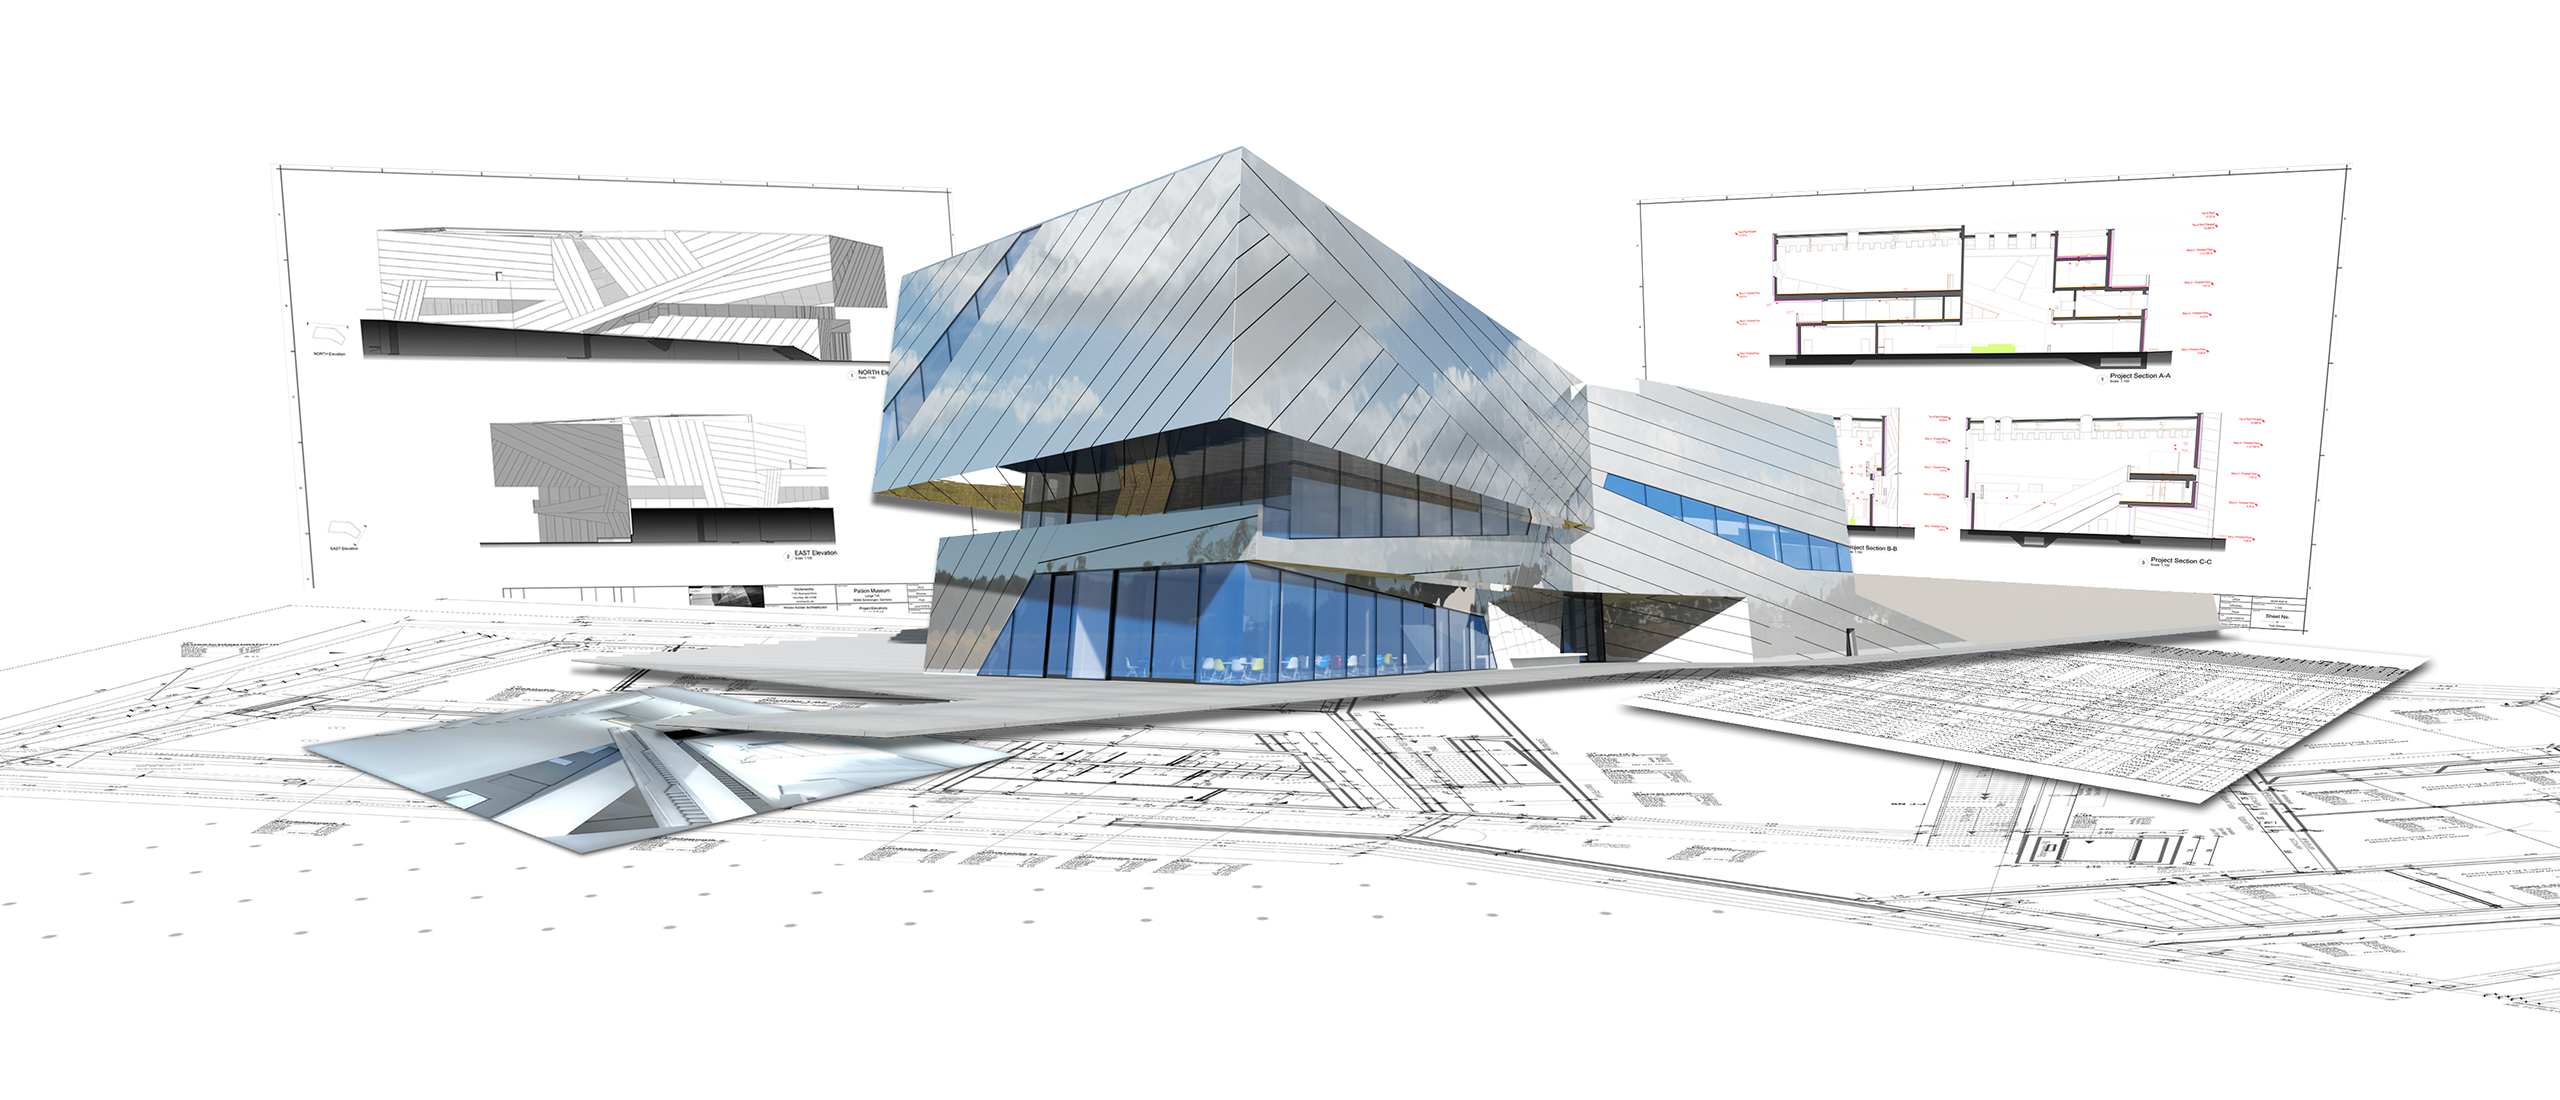 vectorworks architektur cad software in der stadtplanung. Black Bedroom Furniture Sets. Home Design Ideas